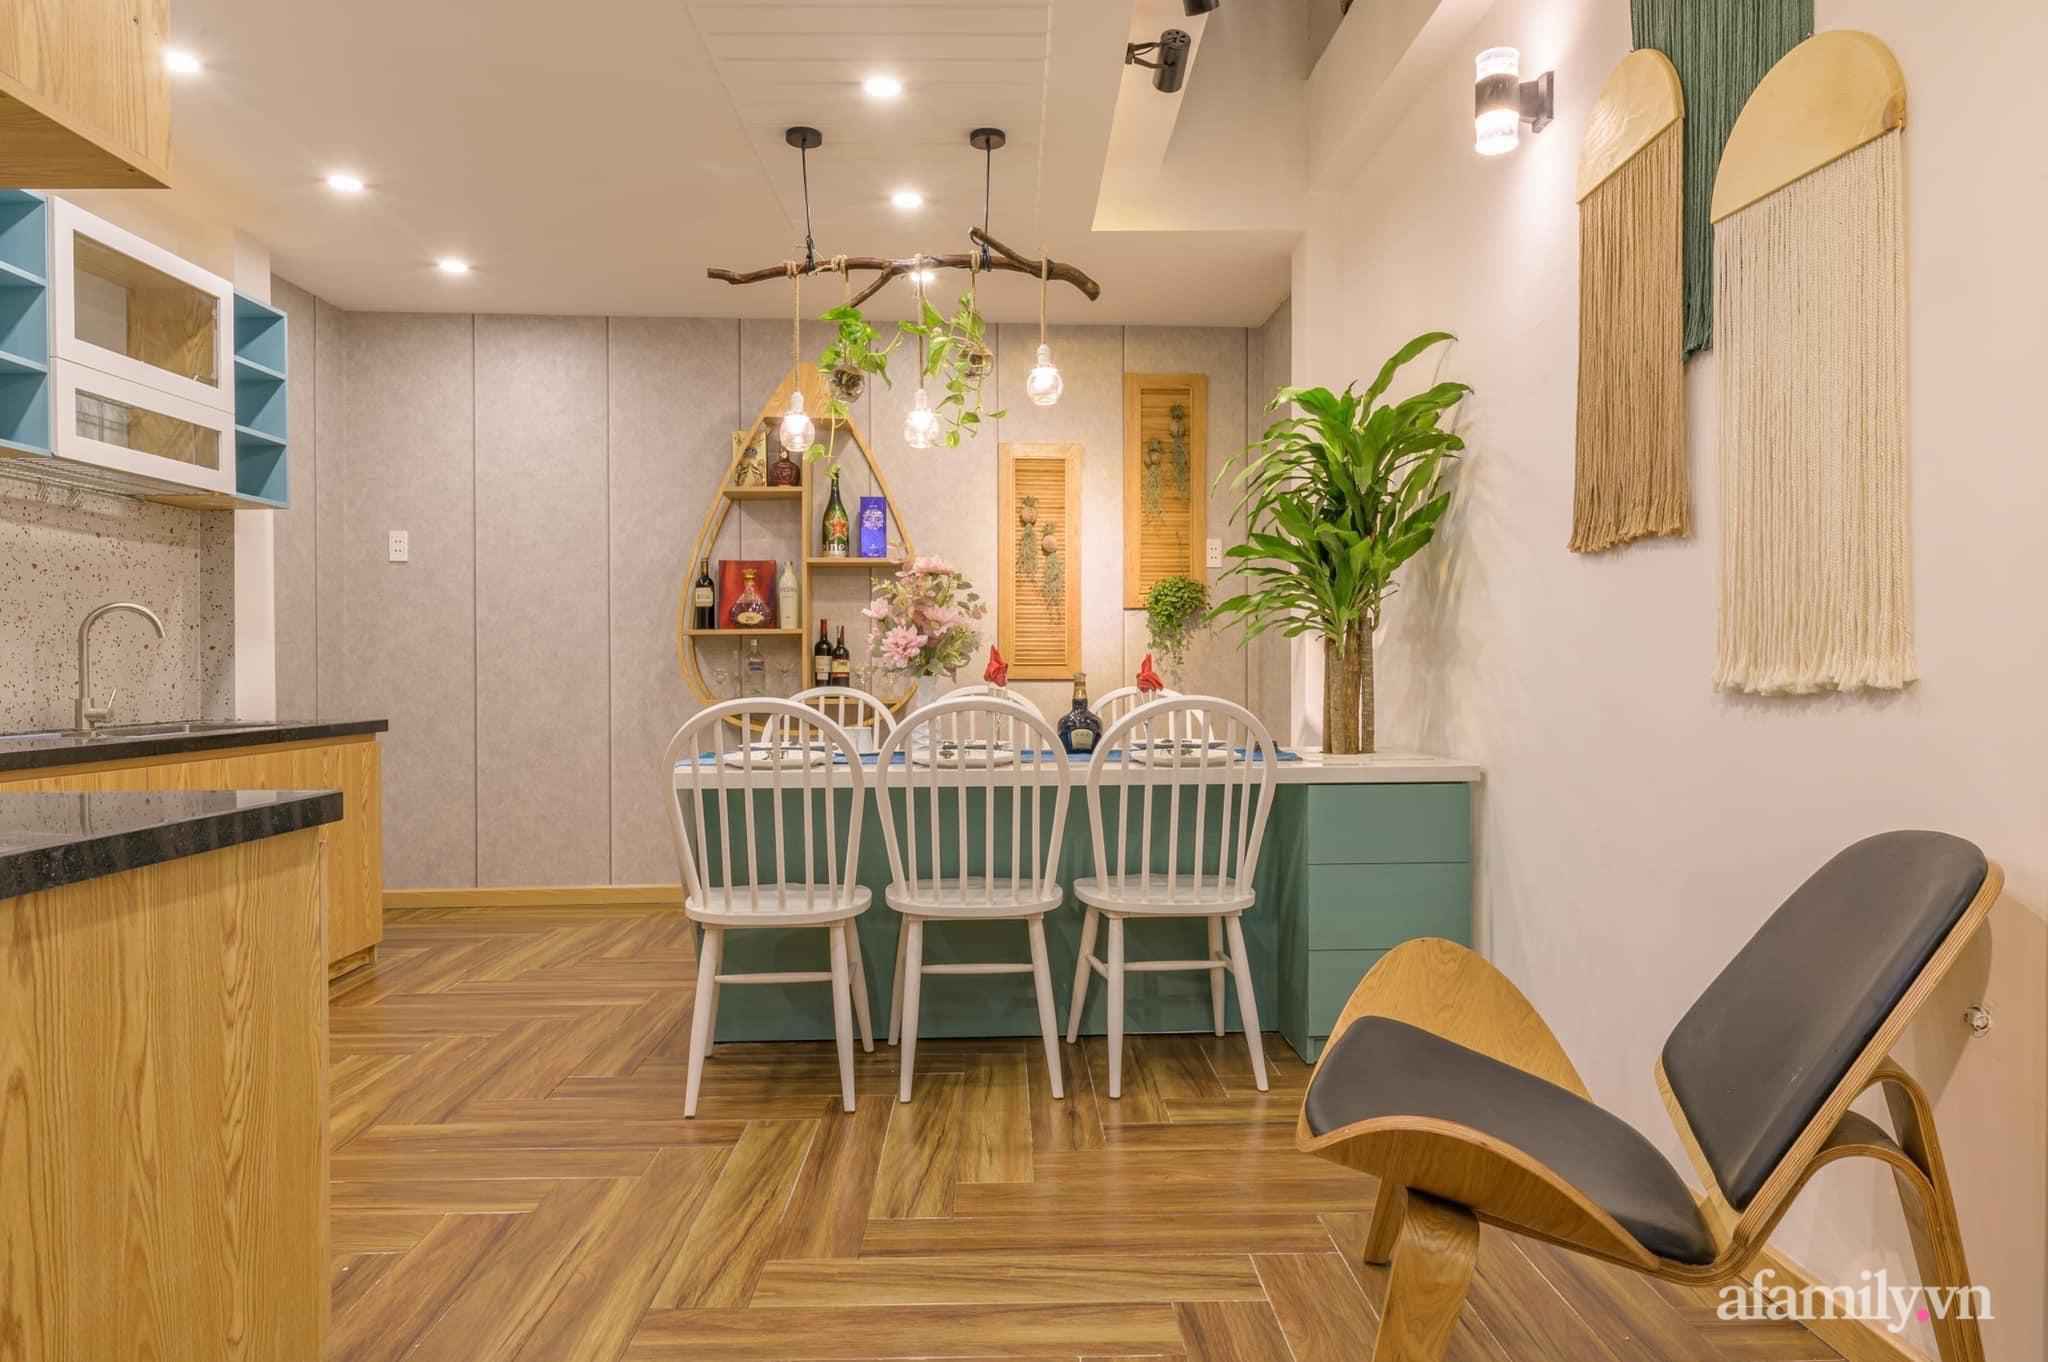 Nhà phố 4 tầng rộng 58m² đẹp an yên với giếng trời nhiều cây xanh và ánh nắng ngập tràn ở Đà Nẵng - Ảnh 6.